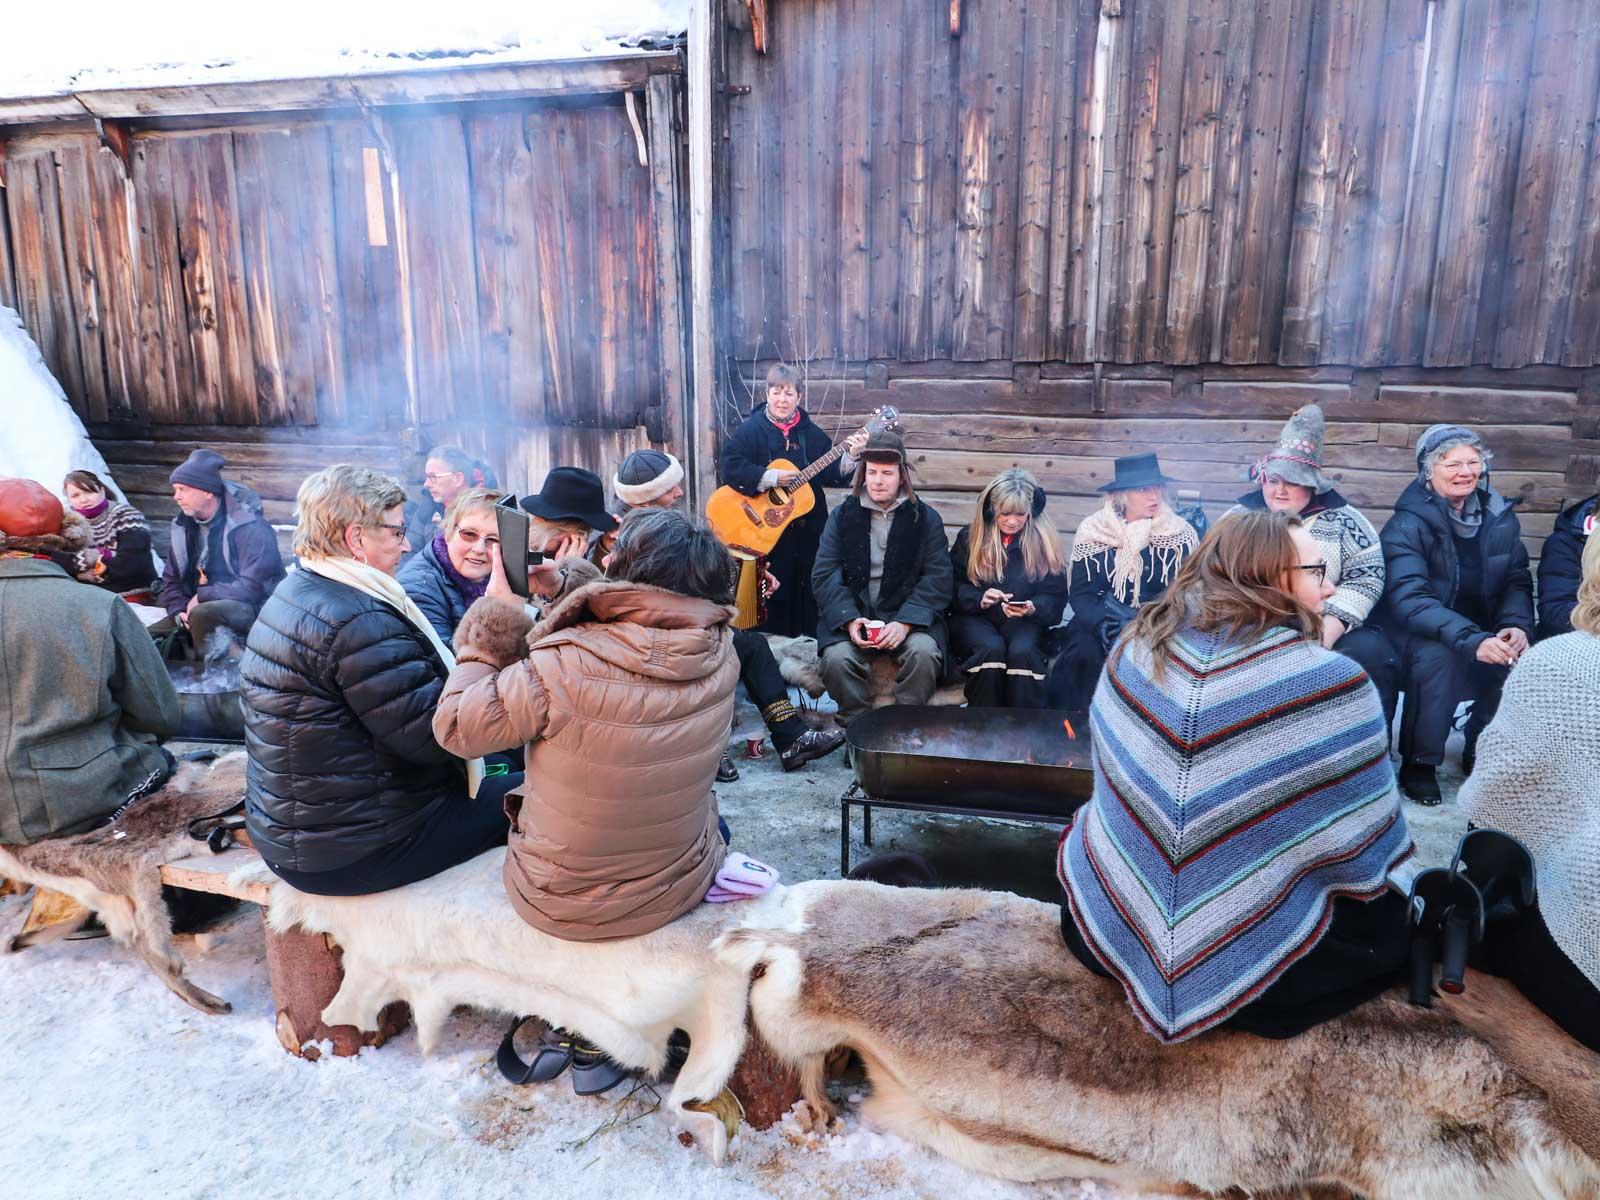 Stämning med musik vid brasan, värme från elden och gott värmande kaffe.